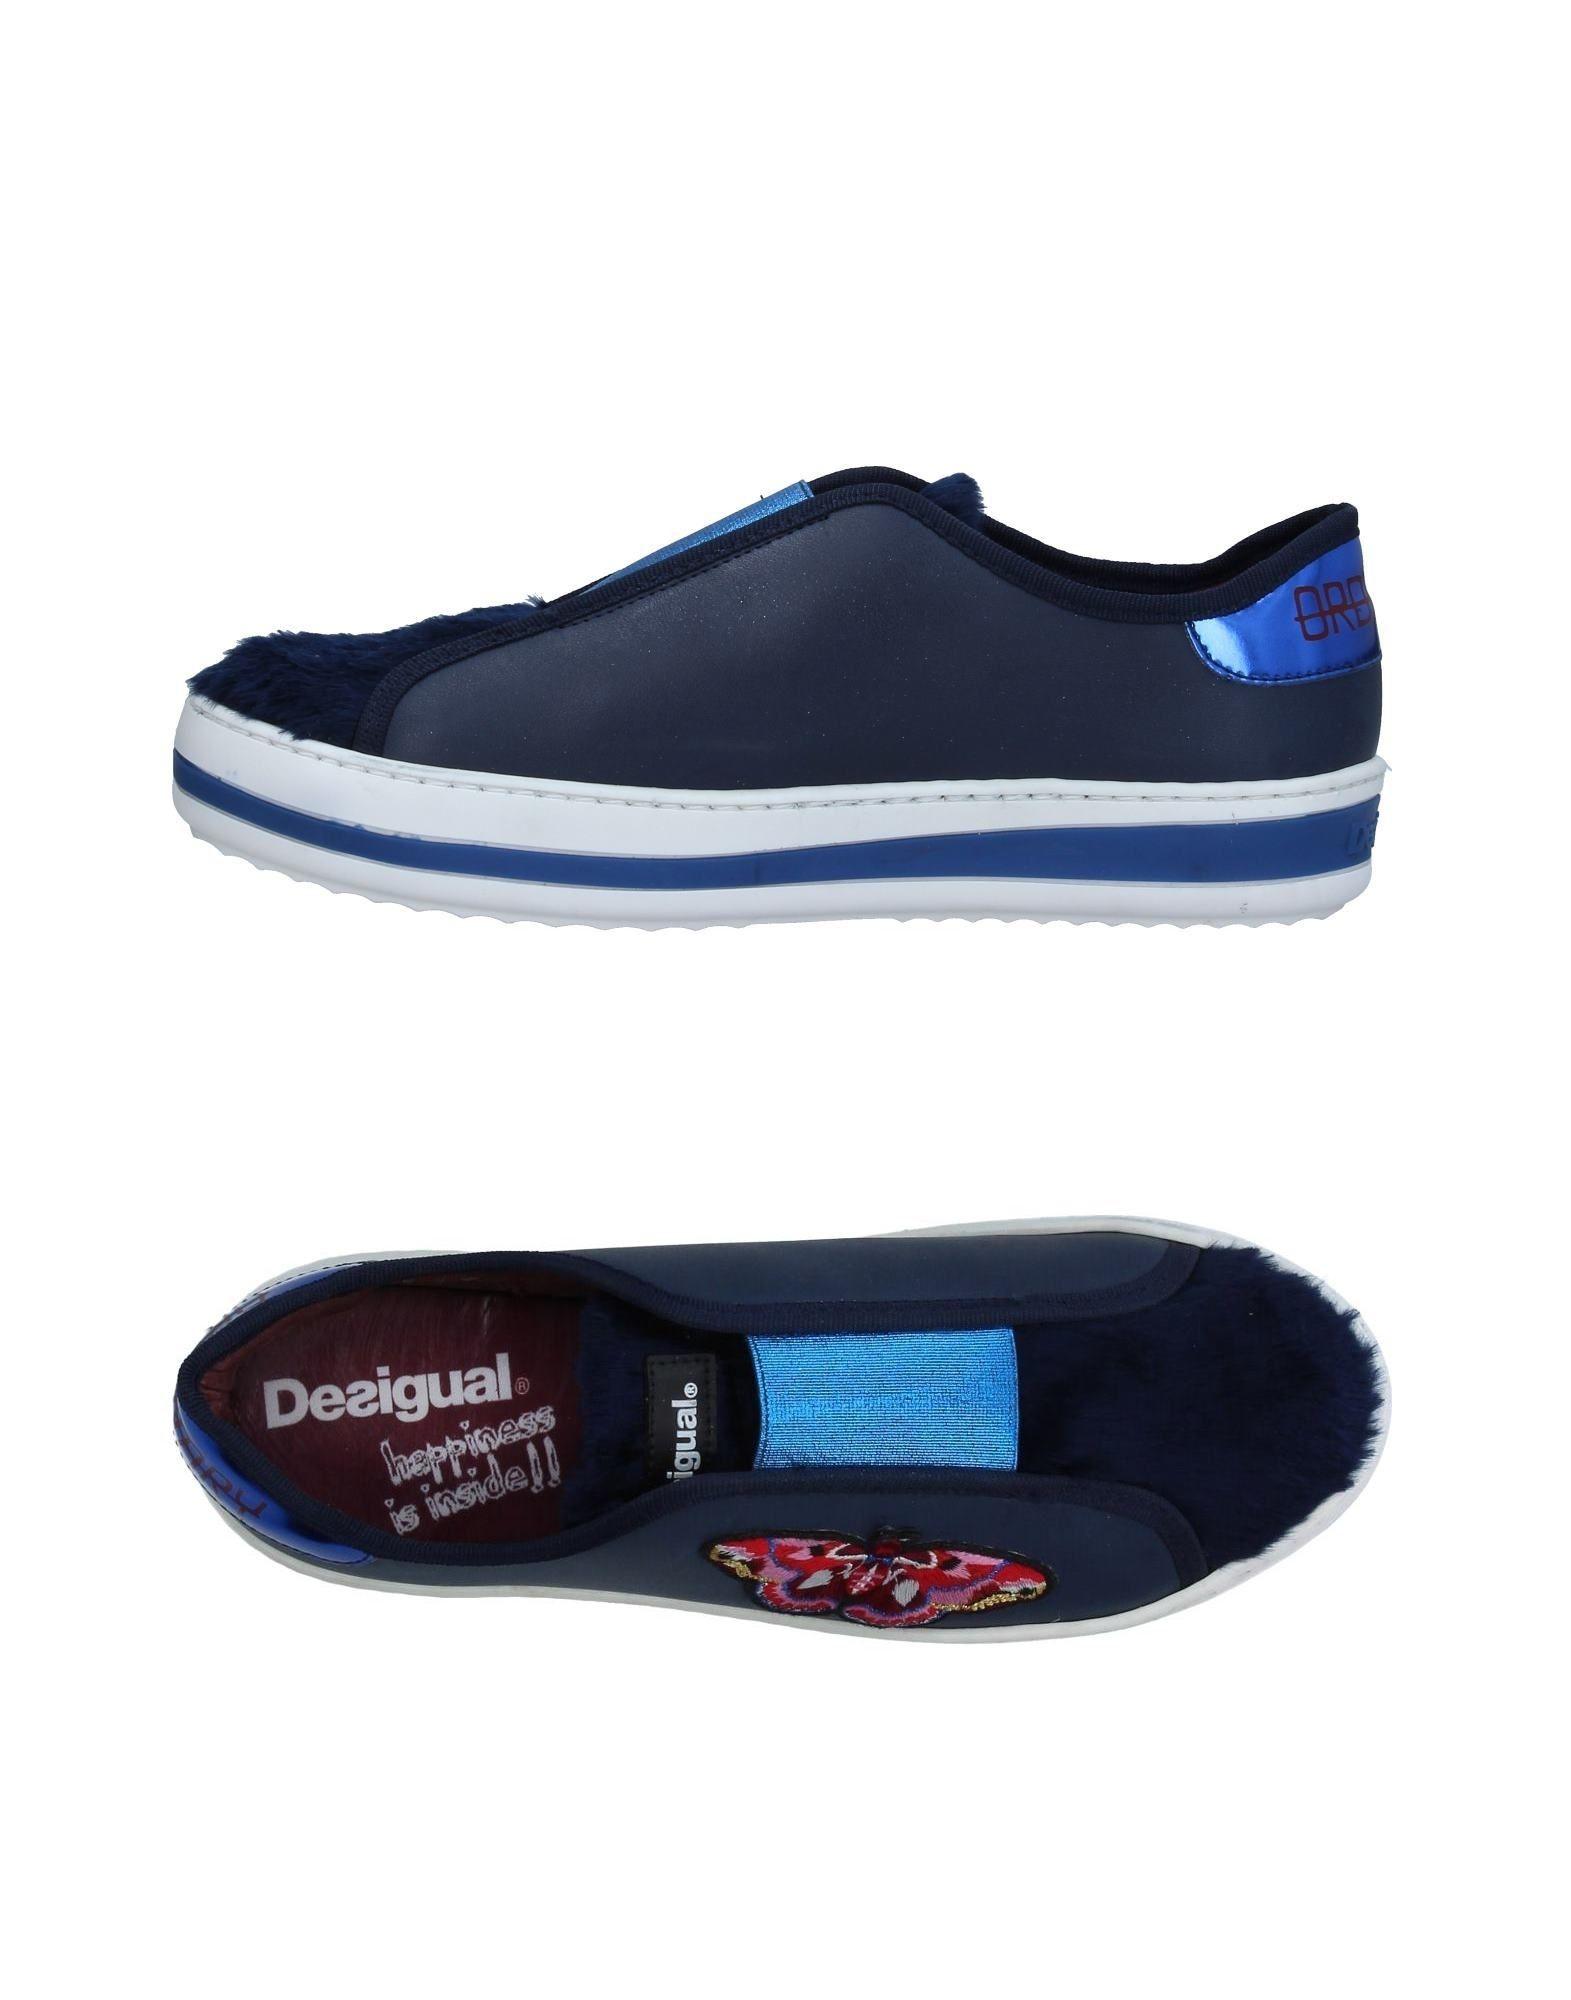 Sneakers Desigual Donna - 11338186XW Scarpe economiche e buone